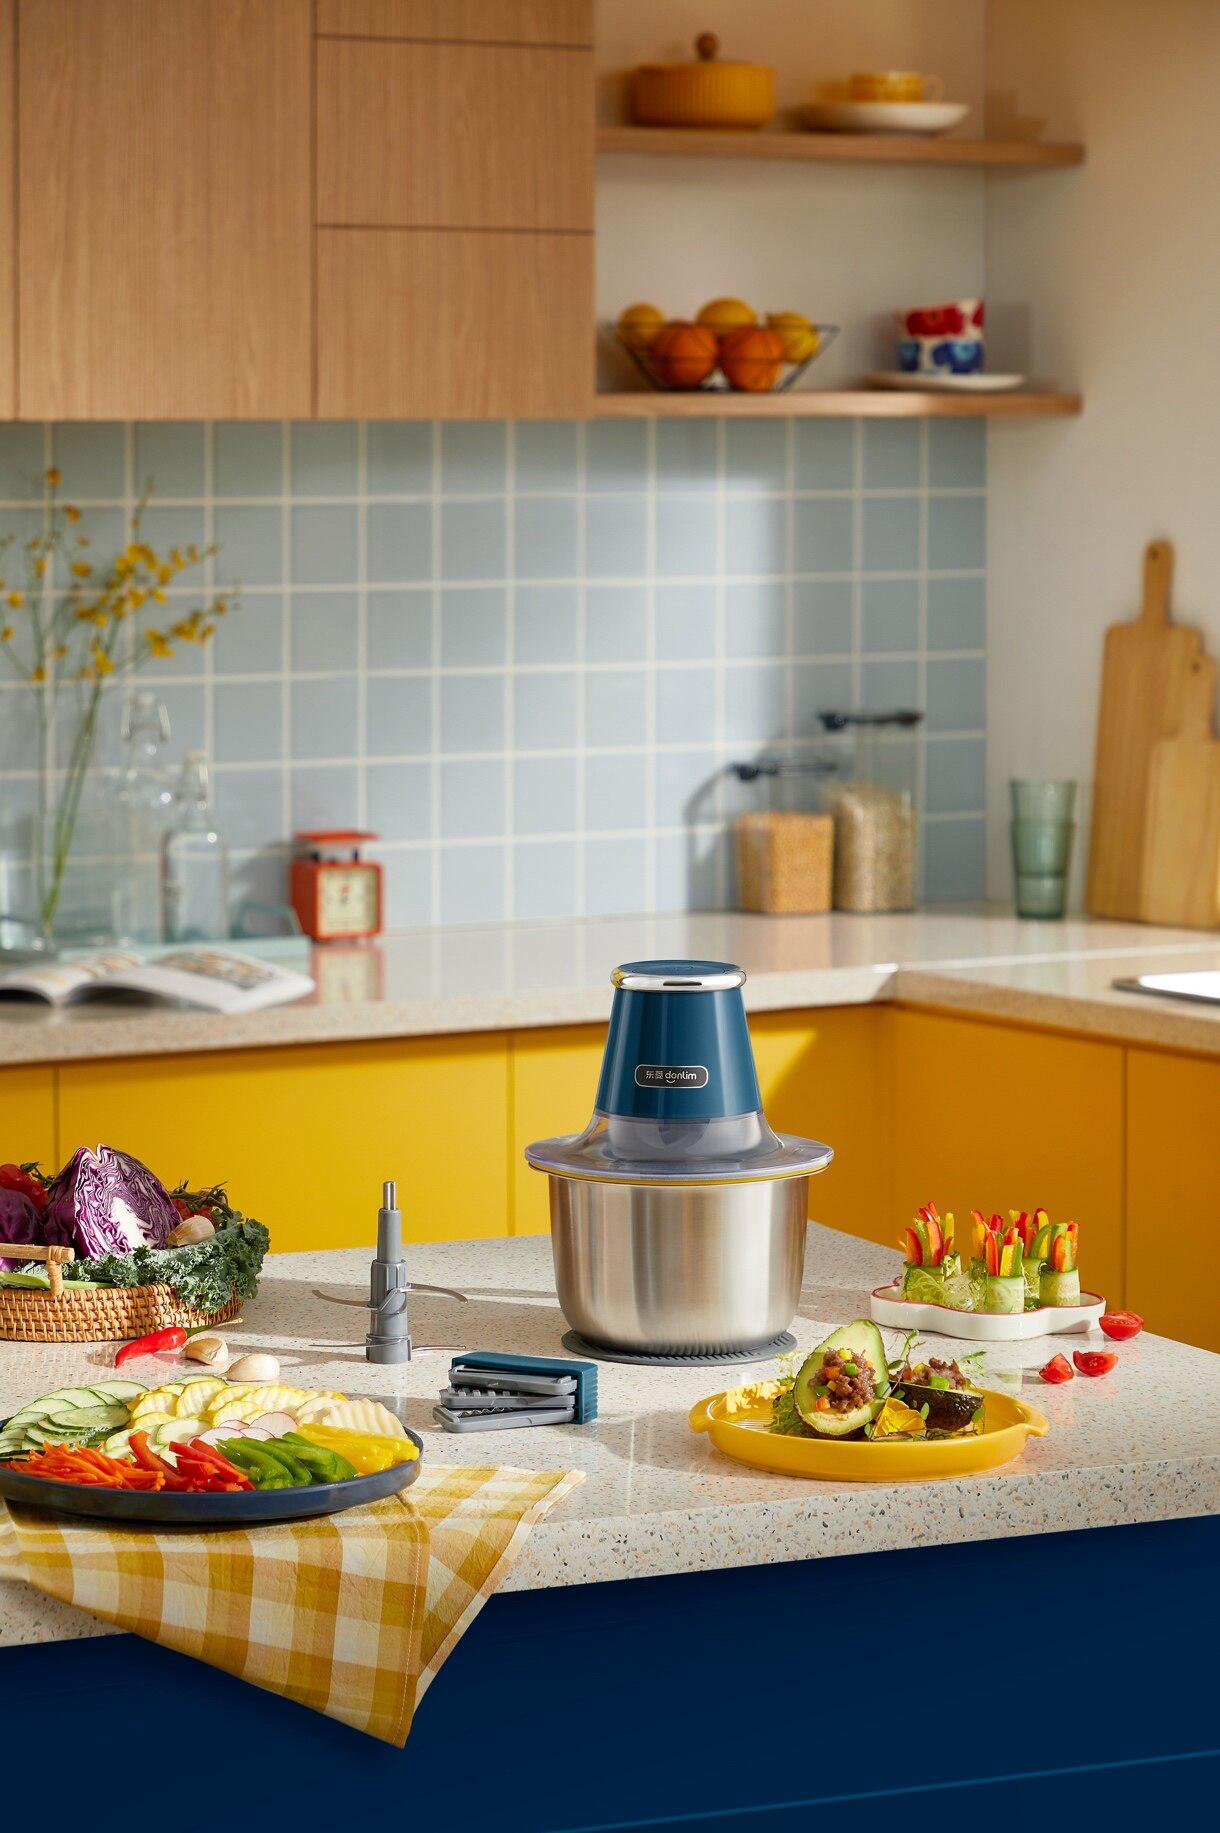 多功能备料四合一,让下厨更高效,新品东菱备餐绞肉机惊喜上市